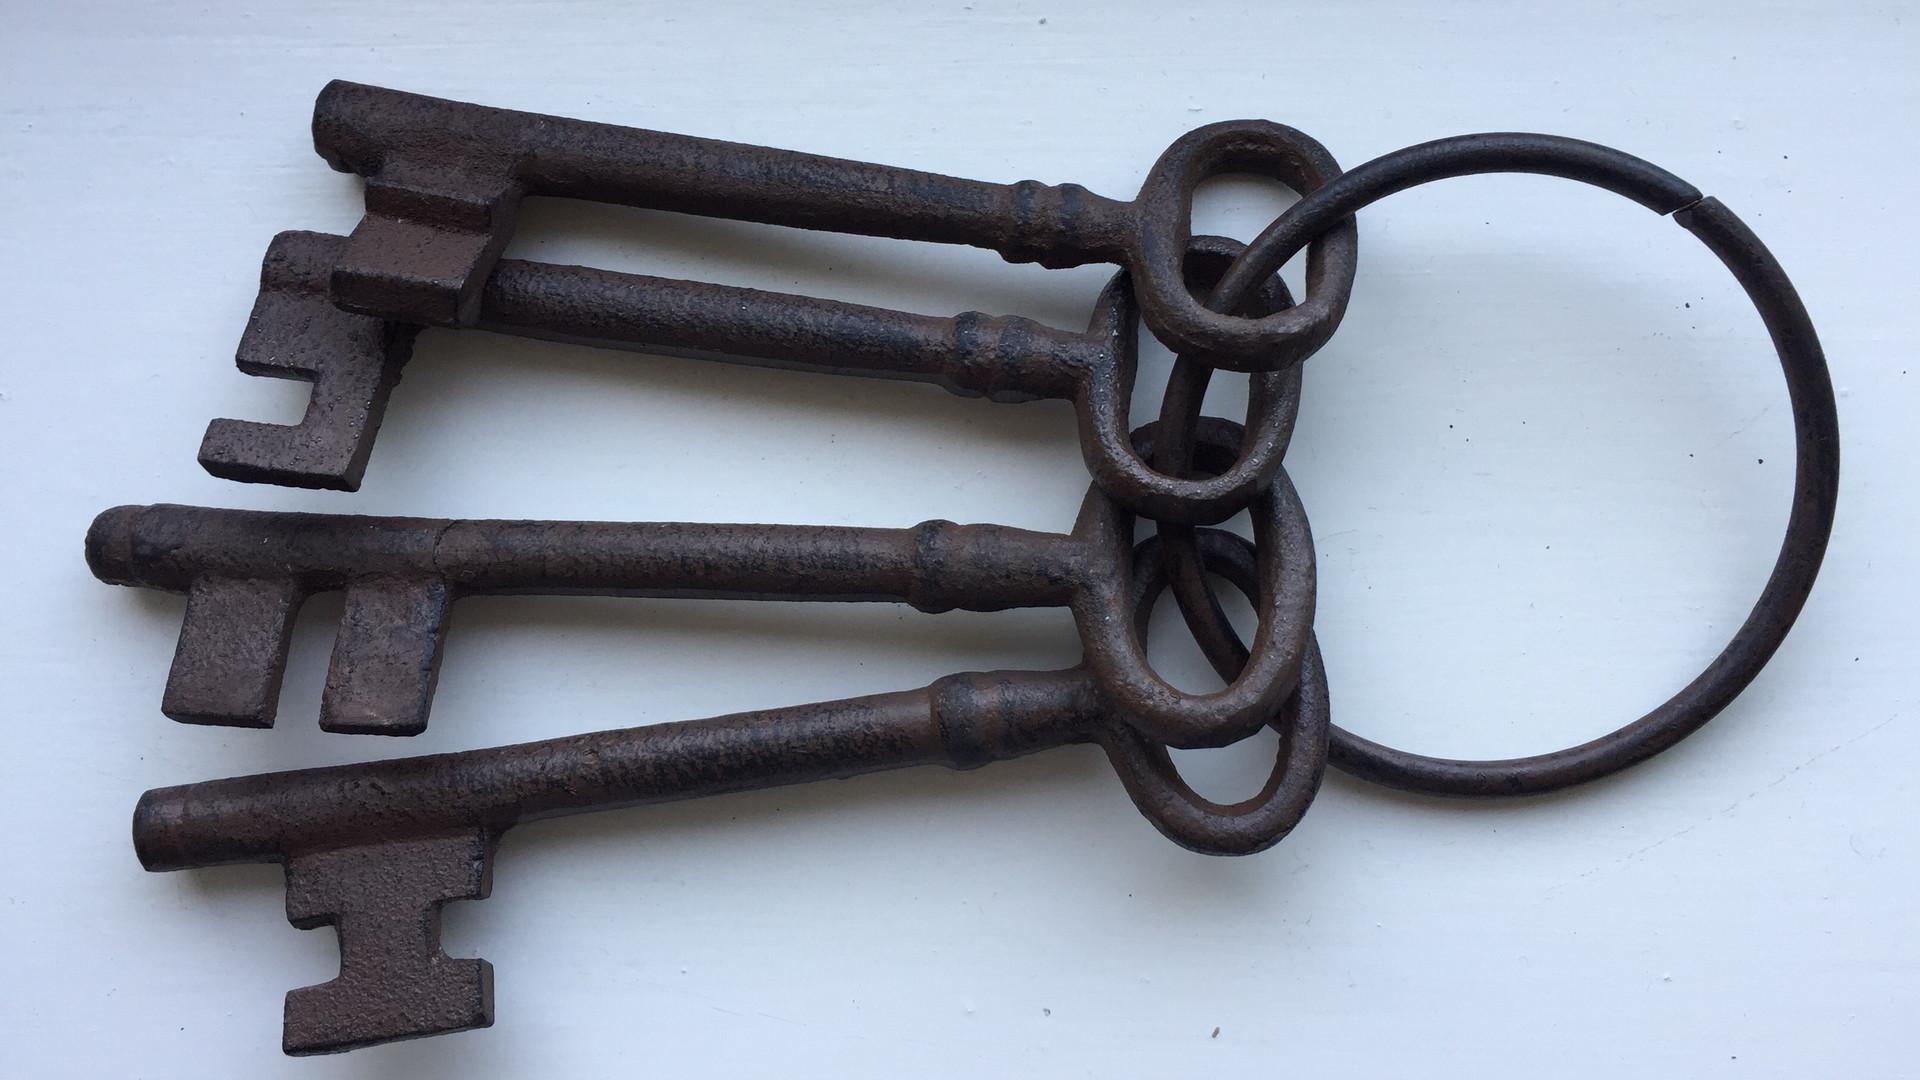 Toll Keepers keys